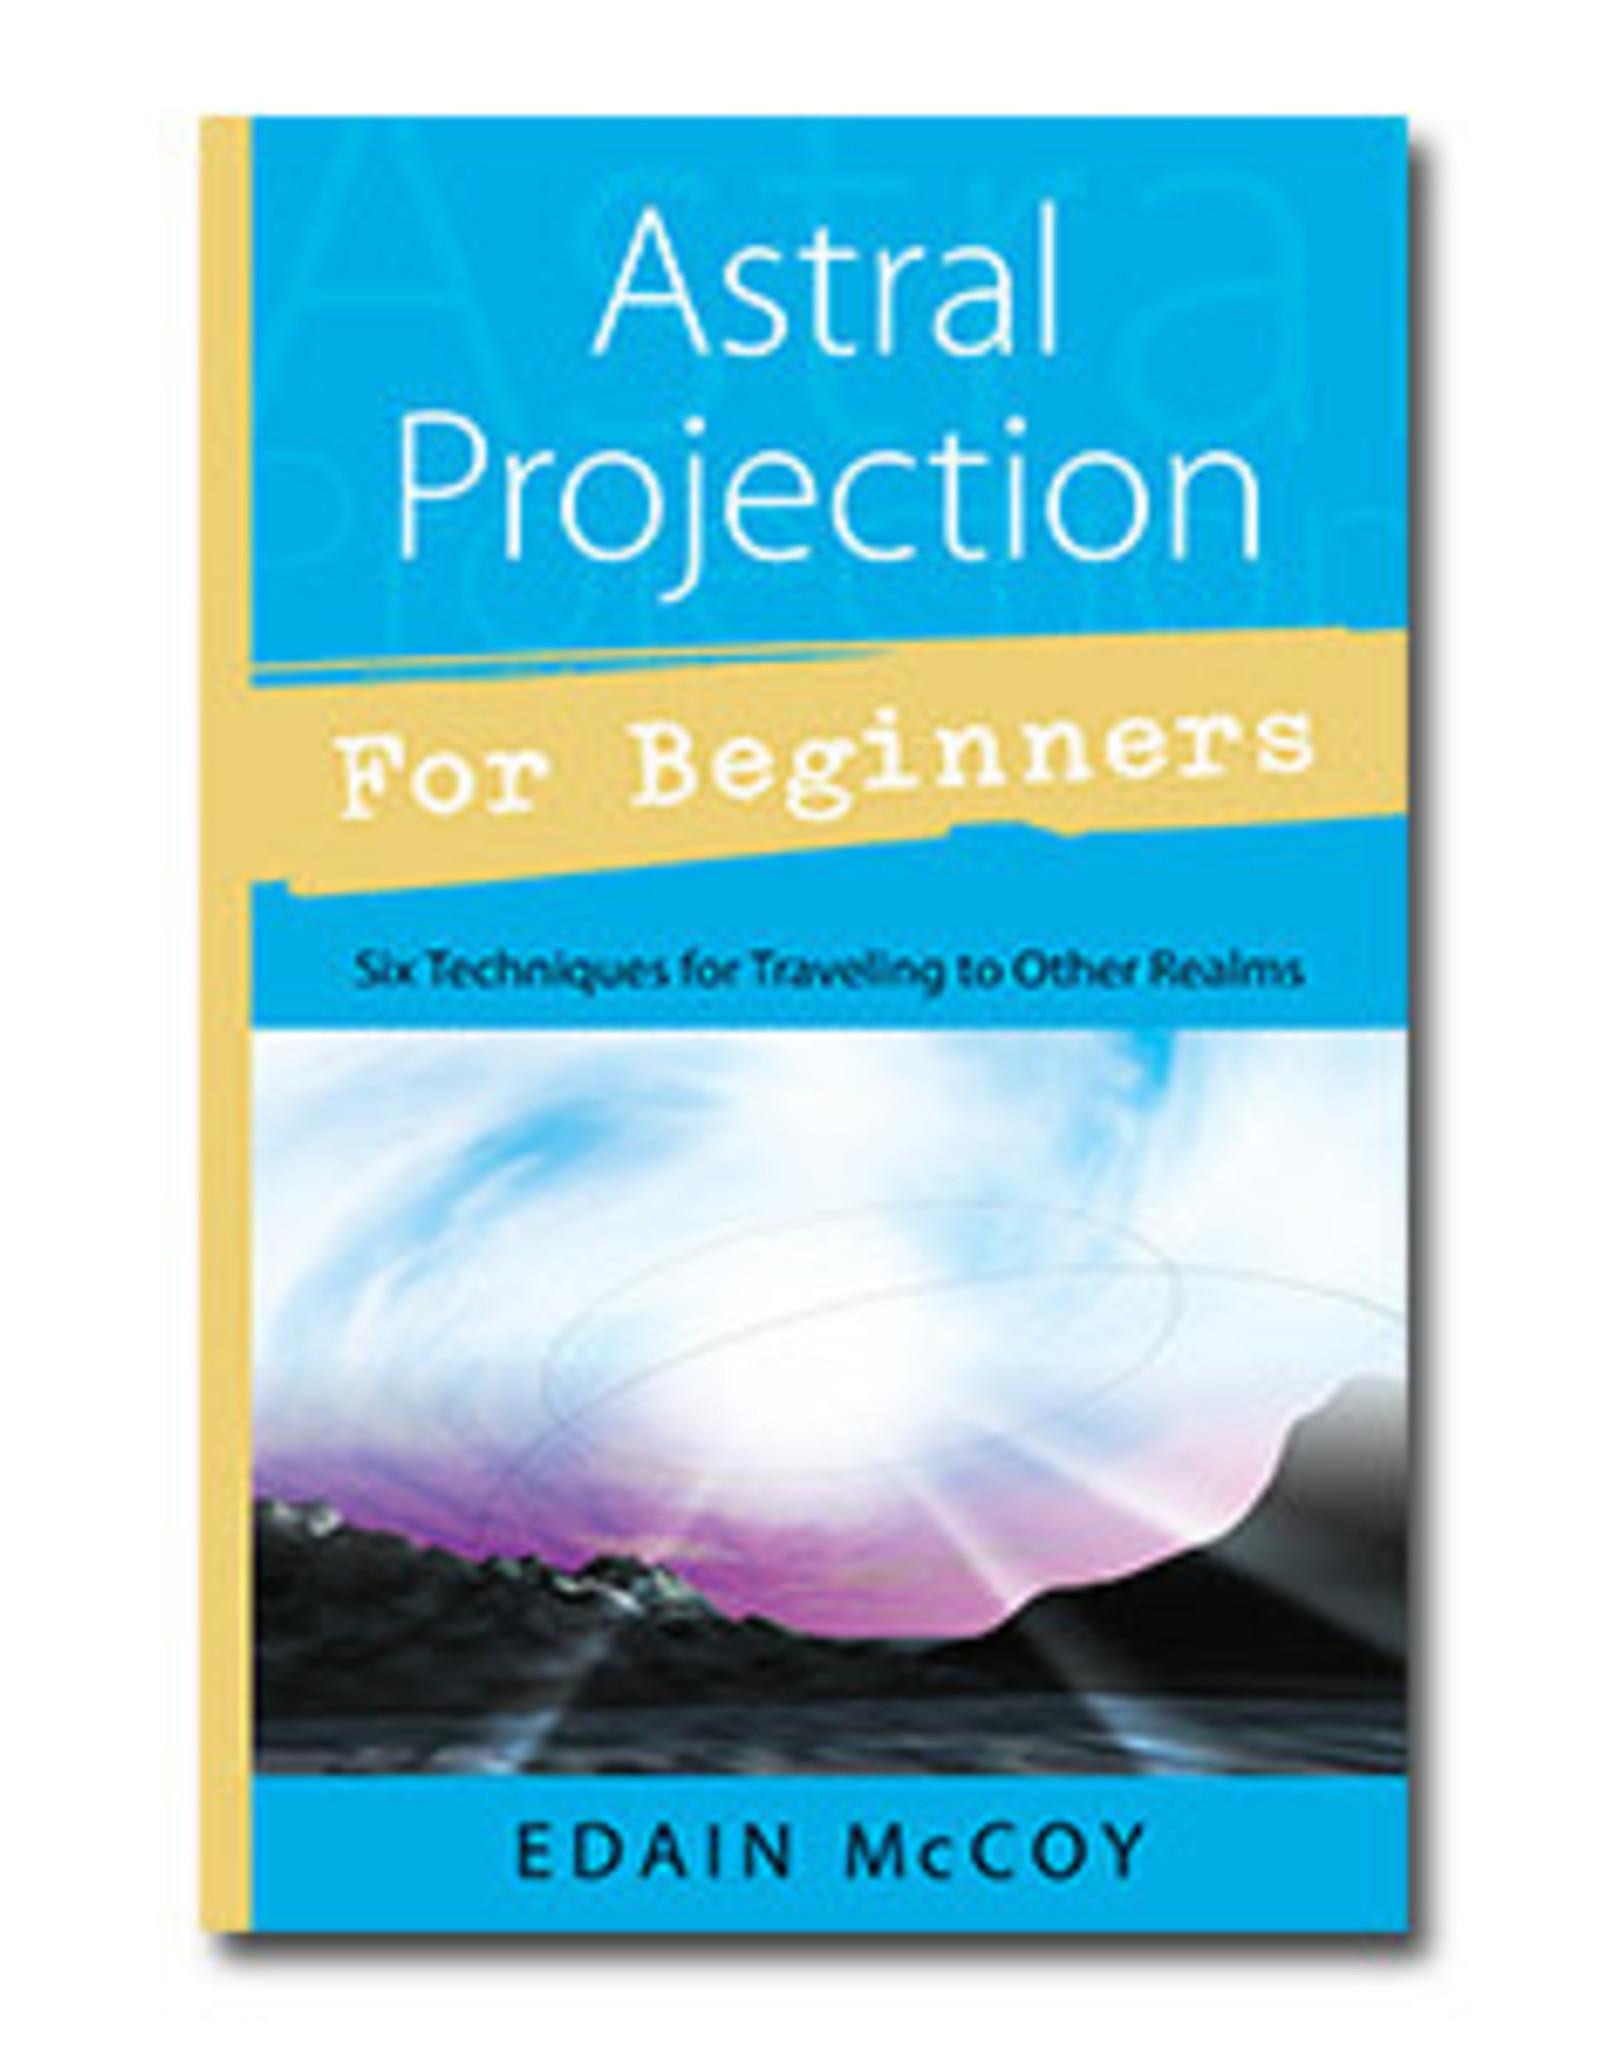 Edain McCoy Astral Projection for Beginners by Edain McCoy